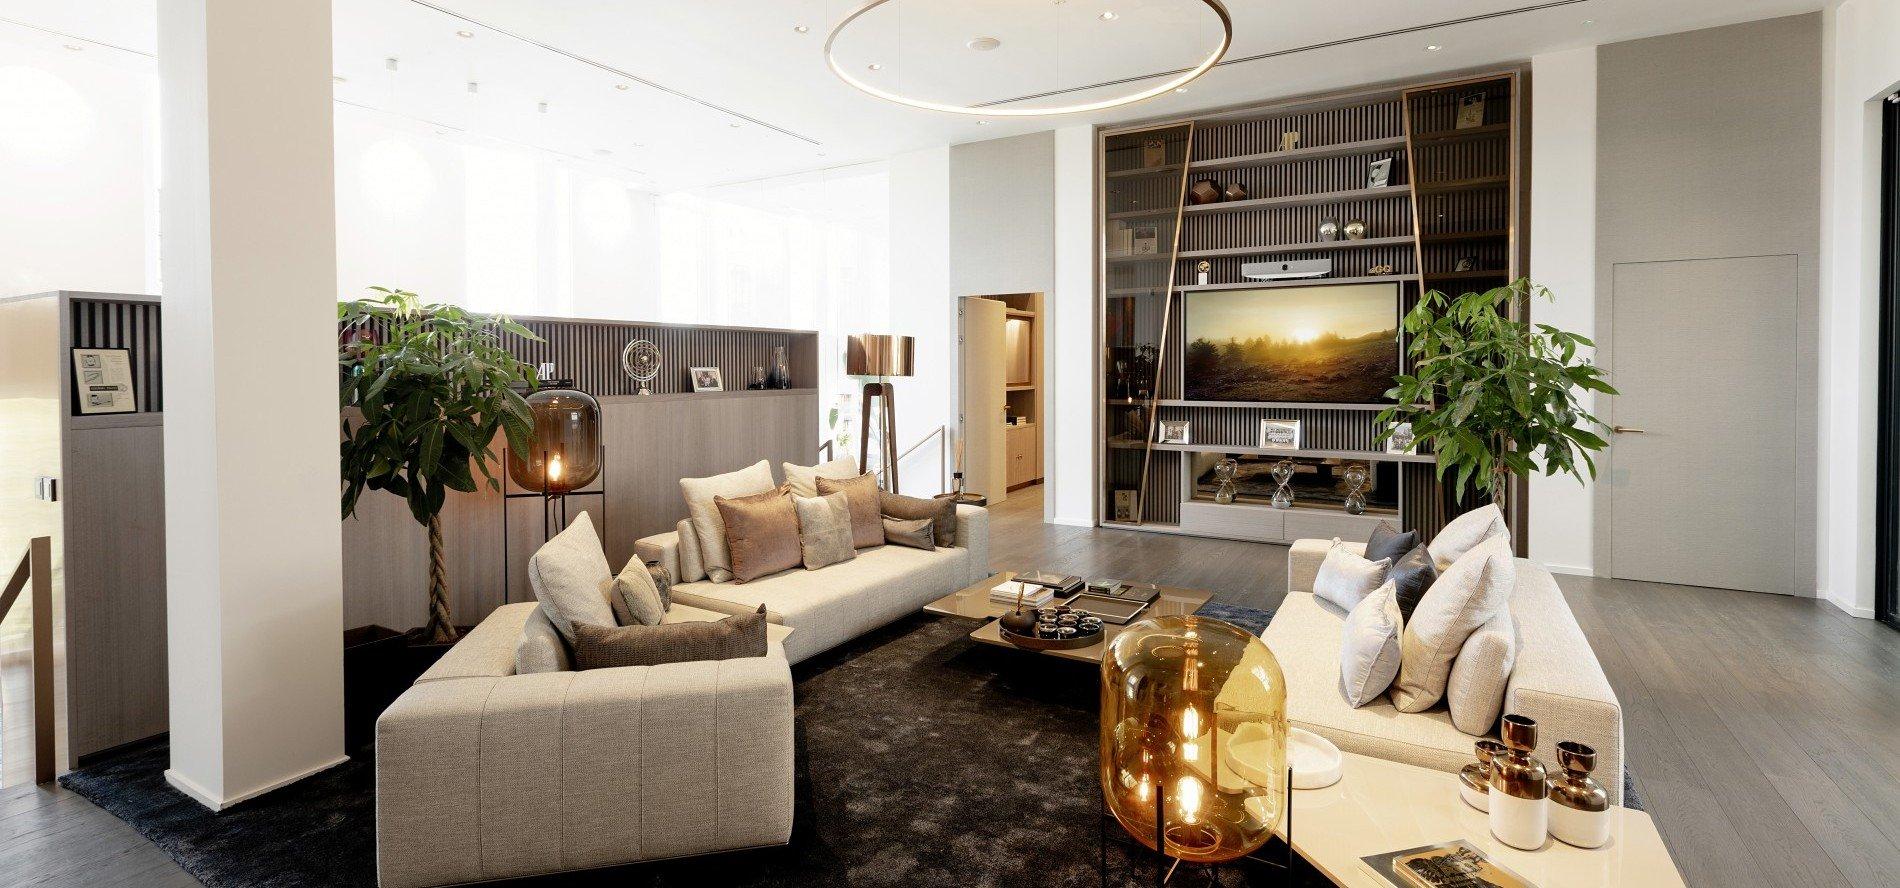 Audemars Piguet redefine la hospitalidad con una nueva AP HOUSE en Madrid